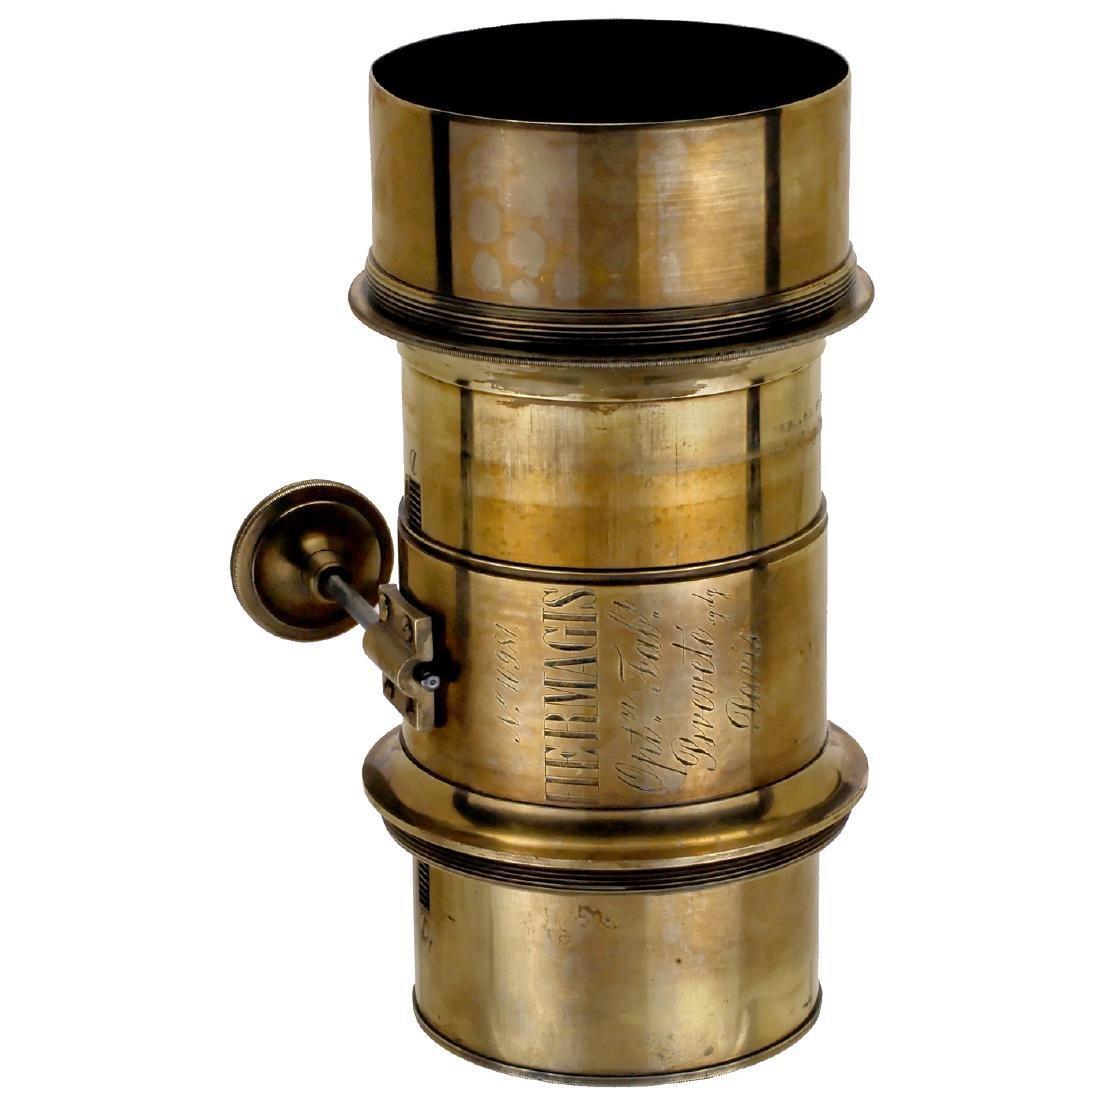 Hermagis Convertible Lens, c. 1863